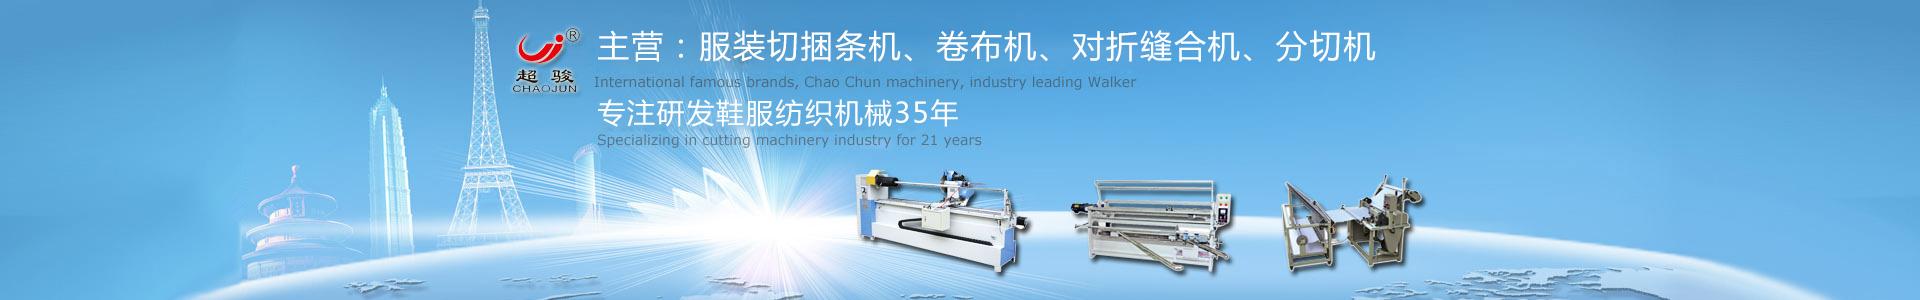 超骏机械宣传图